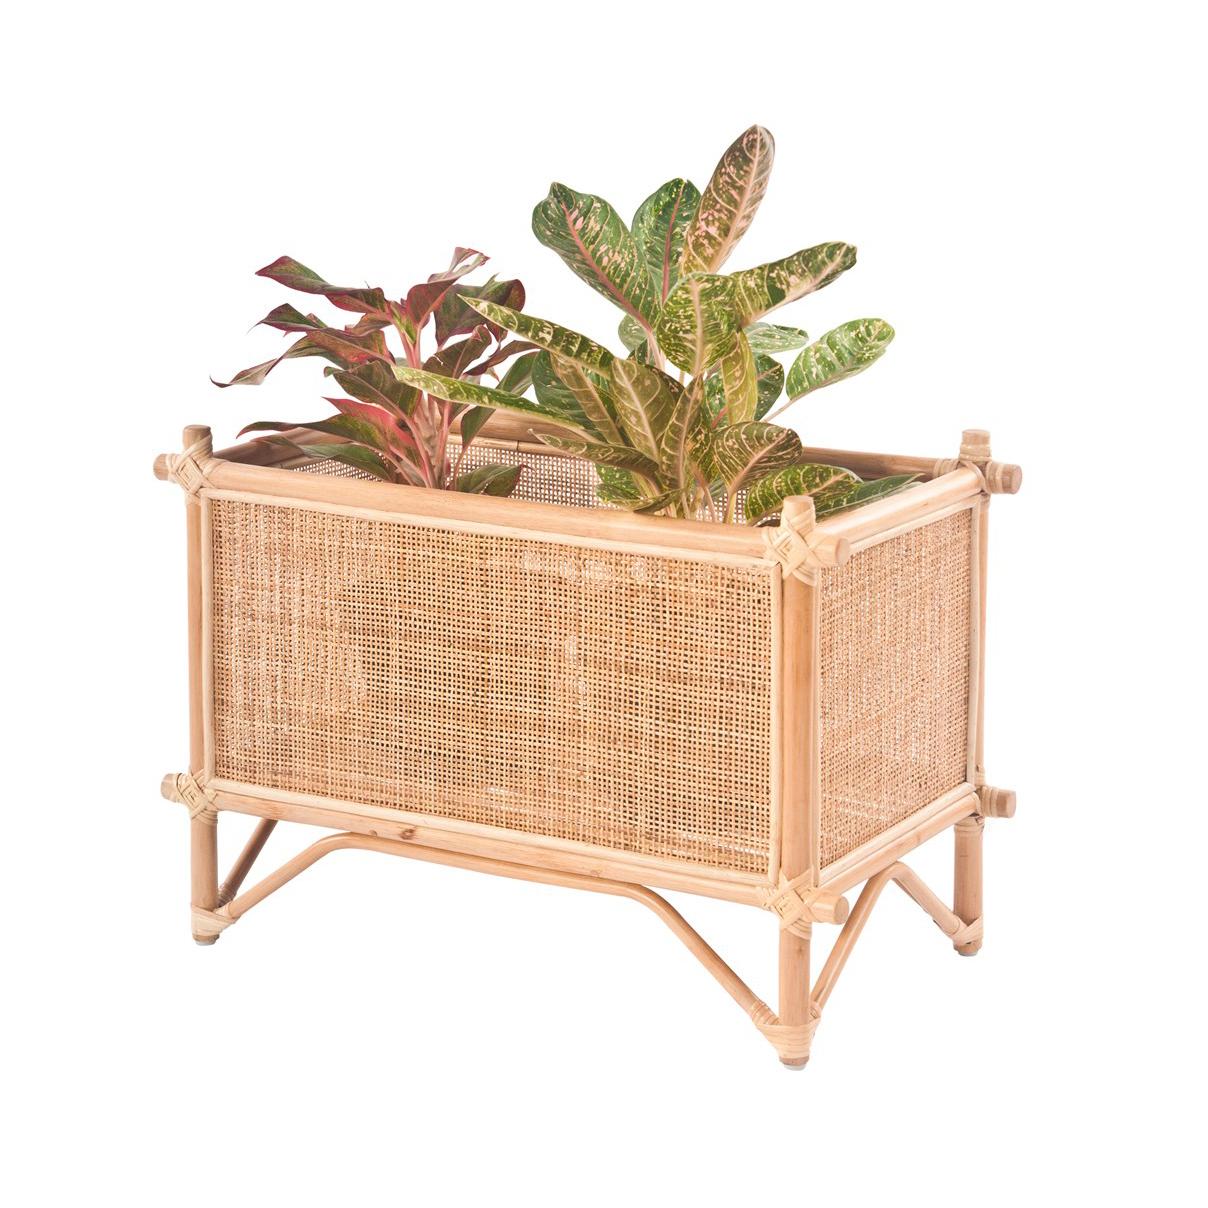 Floreira rectangular, bambu/rattan natural